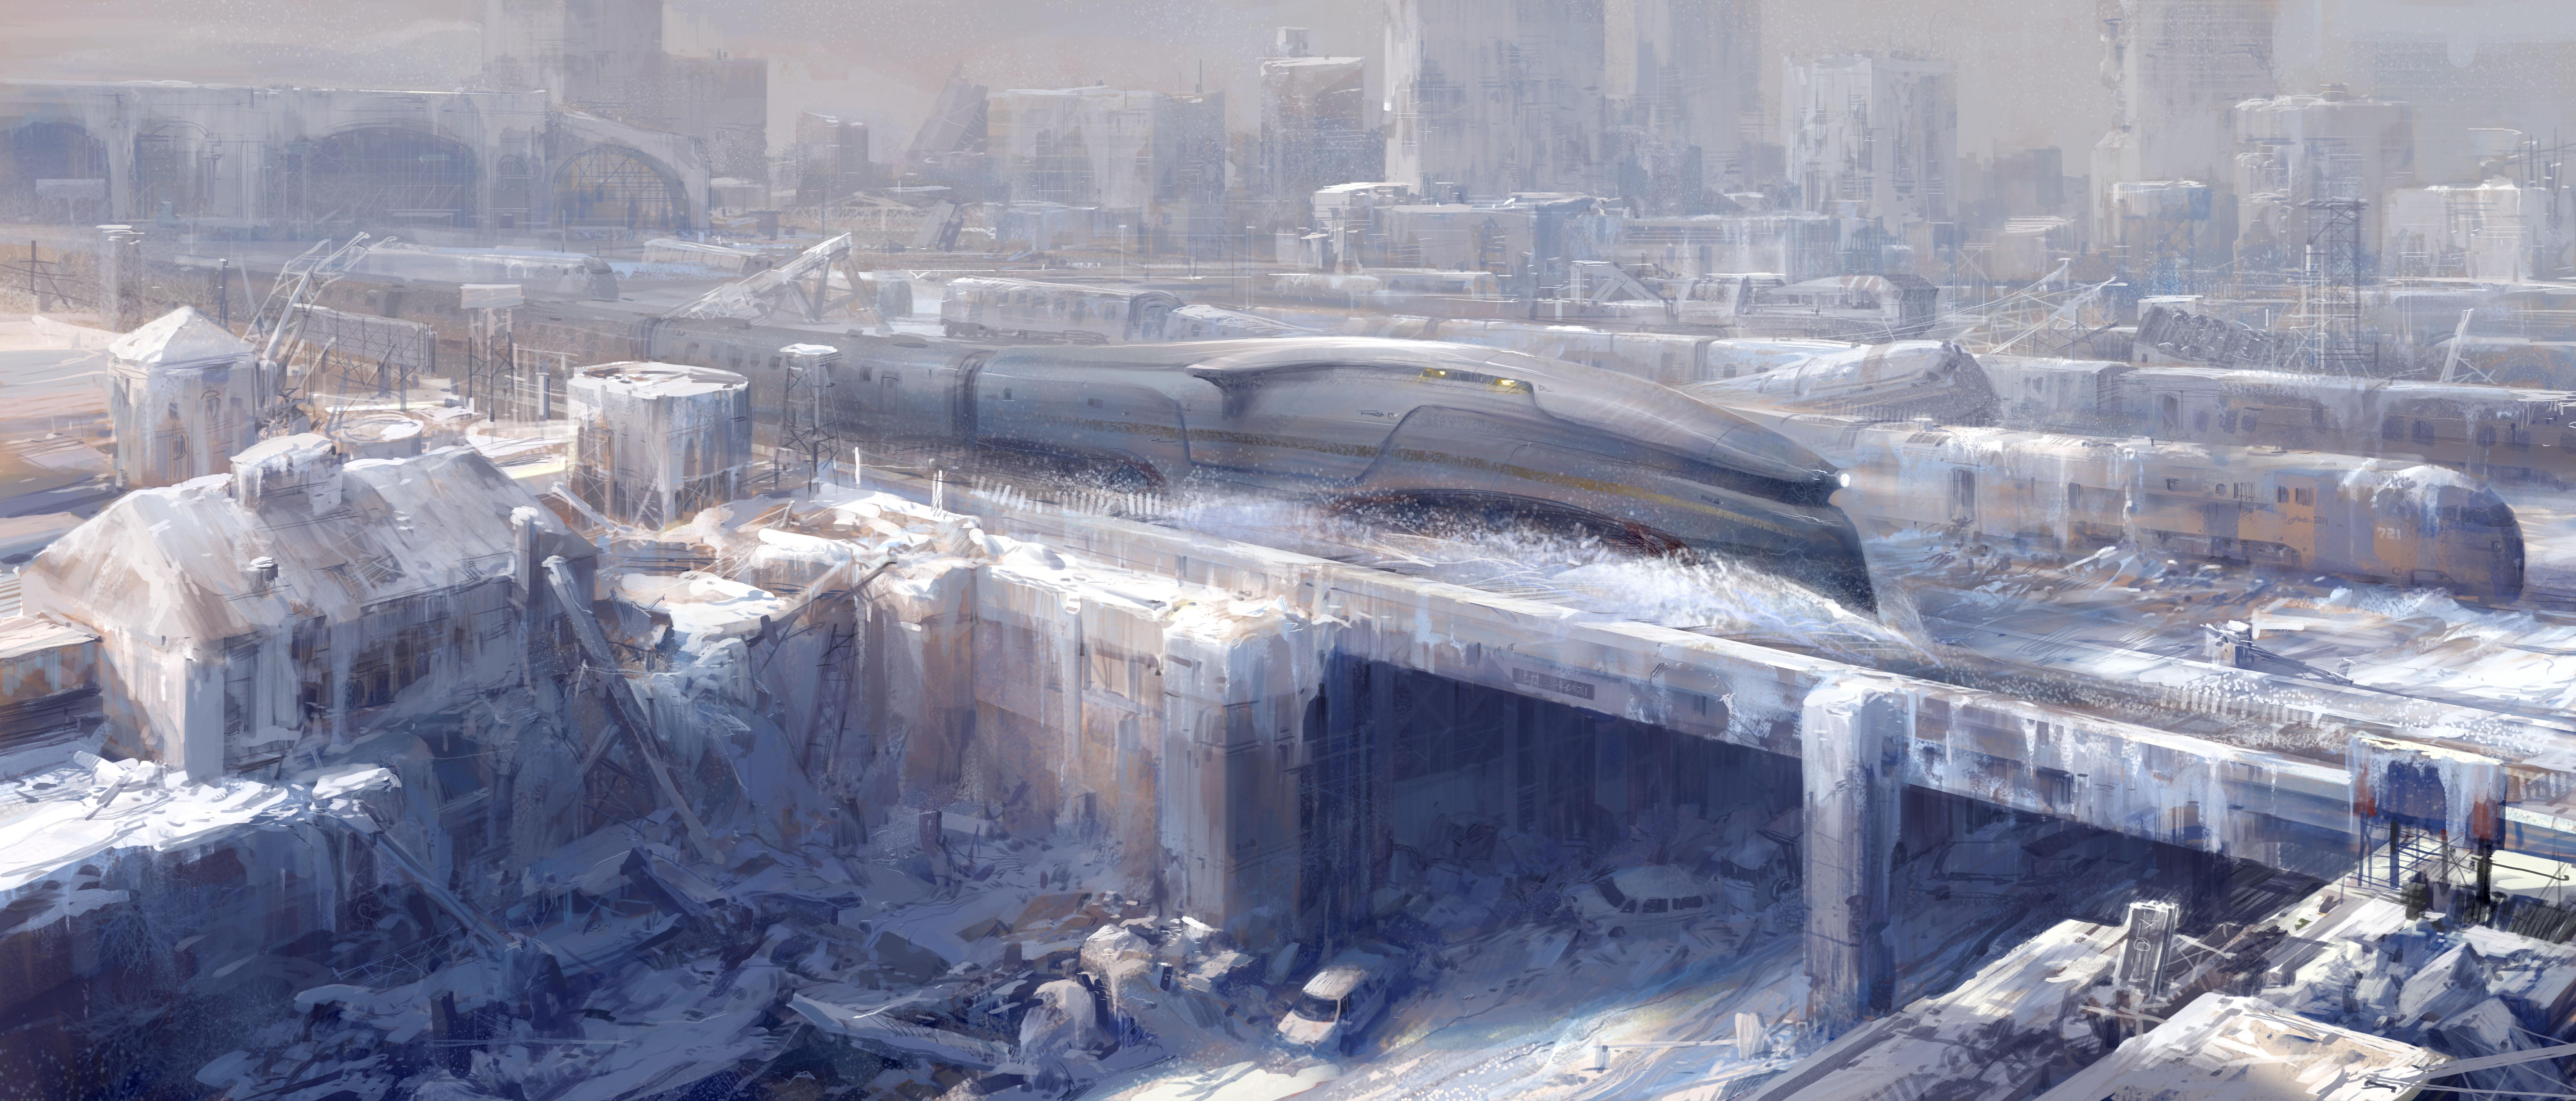 0006-Snowpiercer_ext1-_-2013-SNOWPIERCER-LTD.CO_